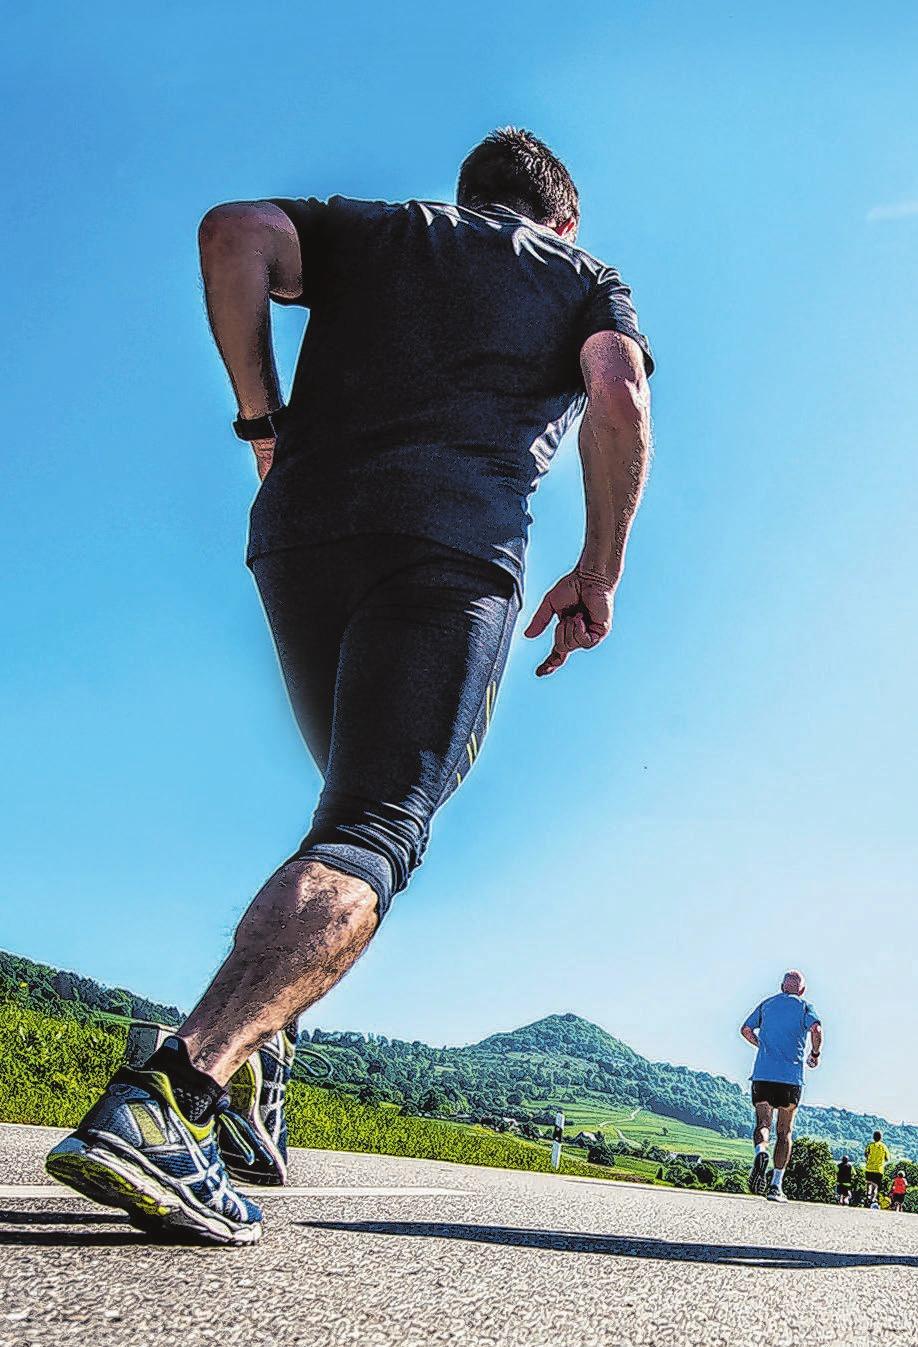 Als Läufer kann man viele persönliche Gipfel erklimmen. Ganz praktisch geht das auch beim Barbarossa Berglauf am 5. Mai 2019. Foto: Giacinto Carlucci Kopfbild: © vladakela/Fotolia.com